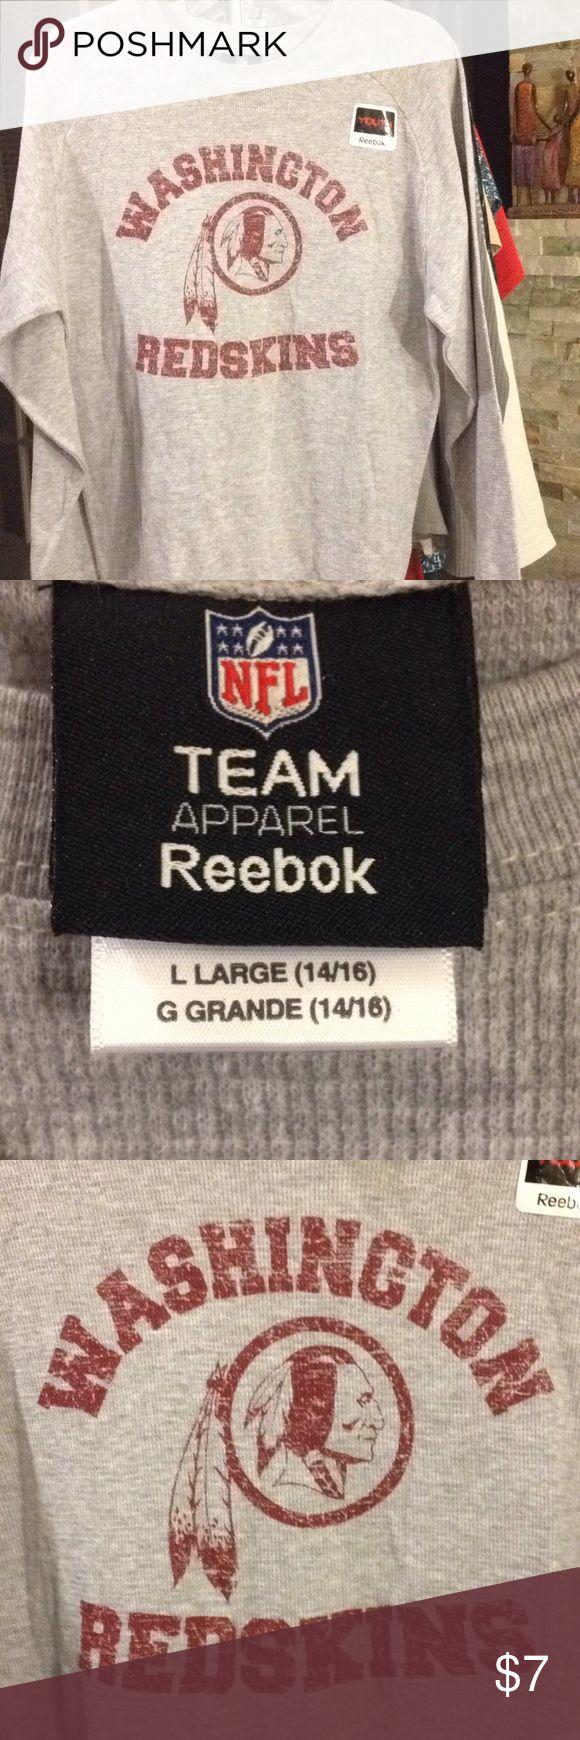 NFL Washington Redskin Large (14-16) top Unisex Large (14-16) NFL Washington Redskin top new with tags Unisex Reebok Shirts & Tops Tees - Long Sleeve